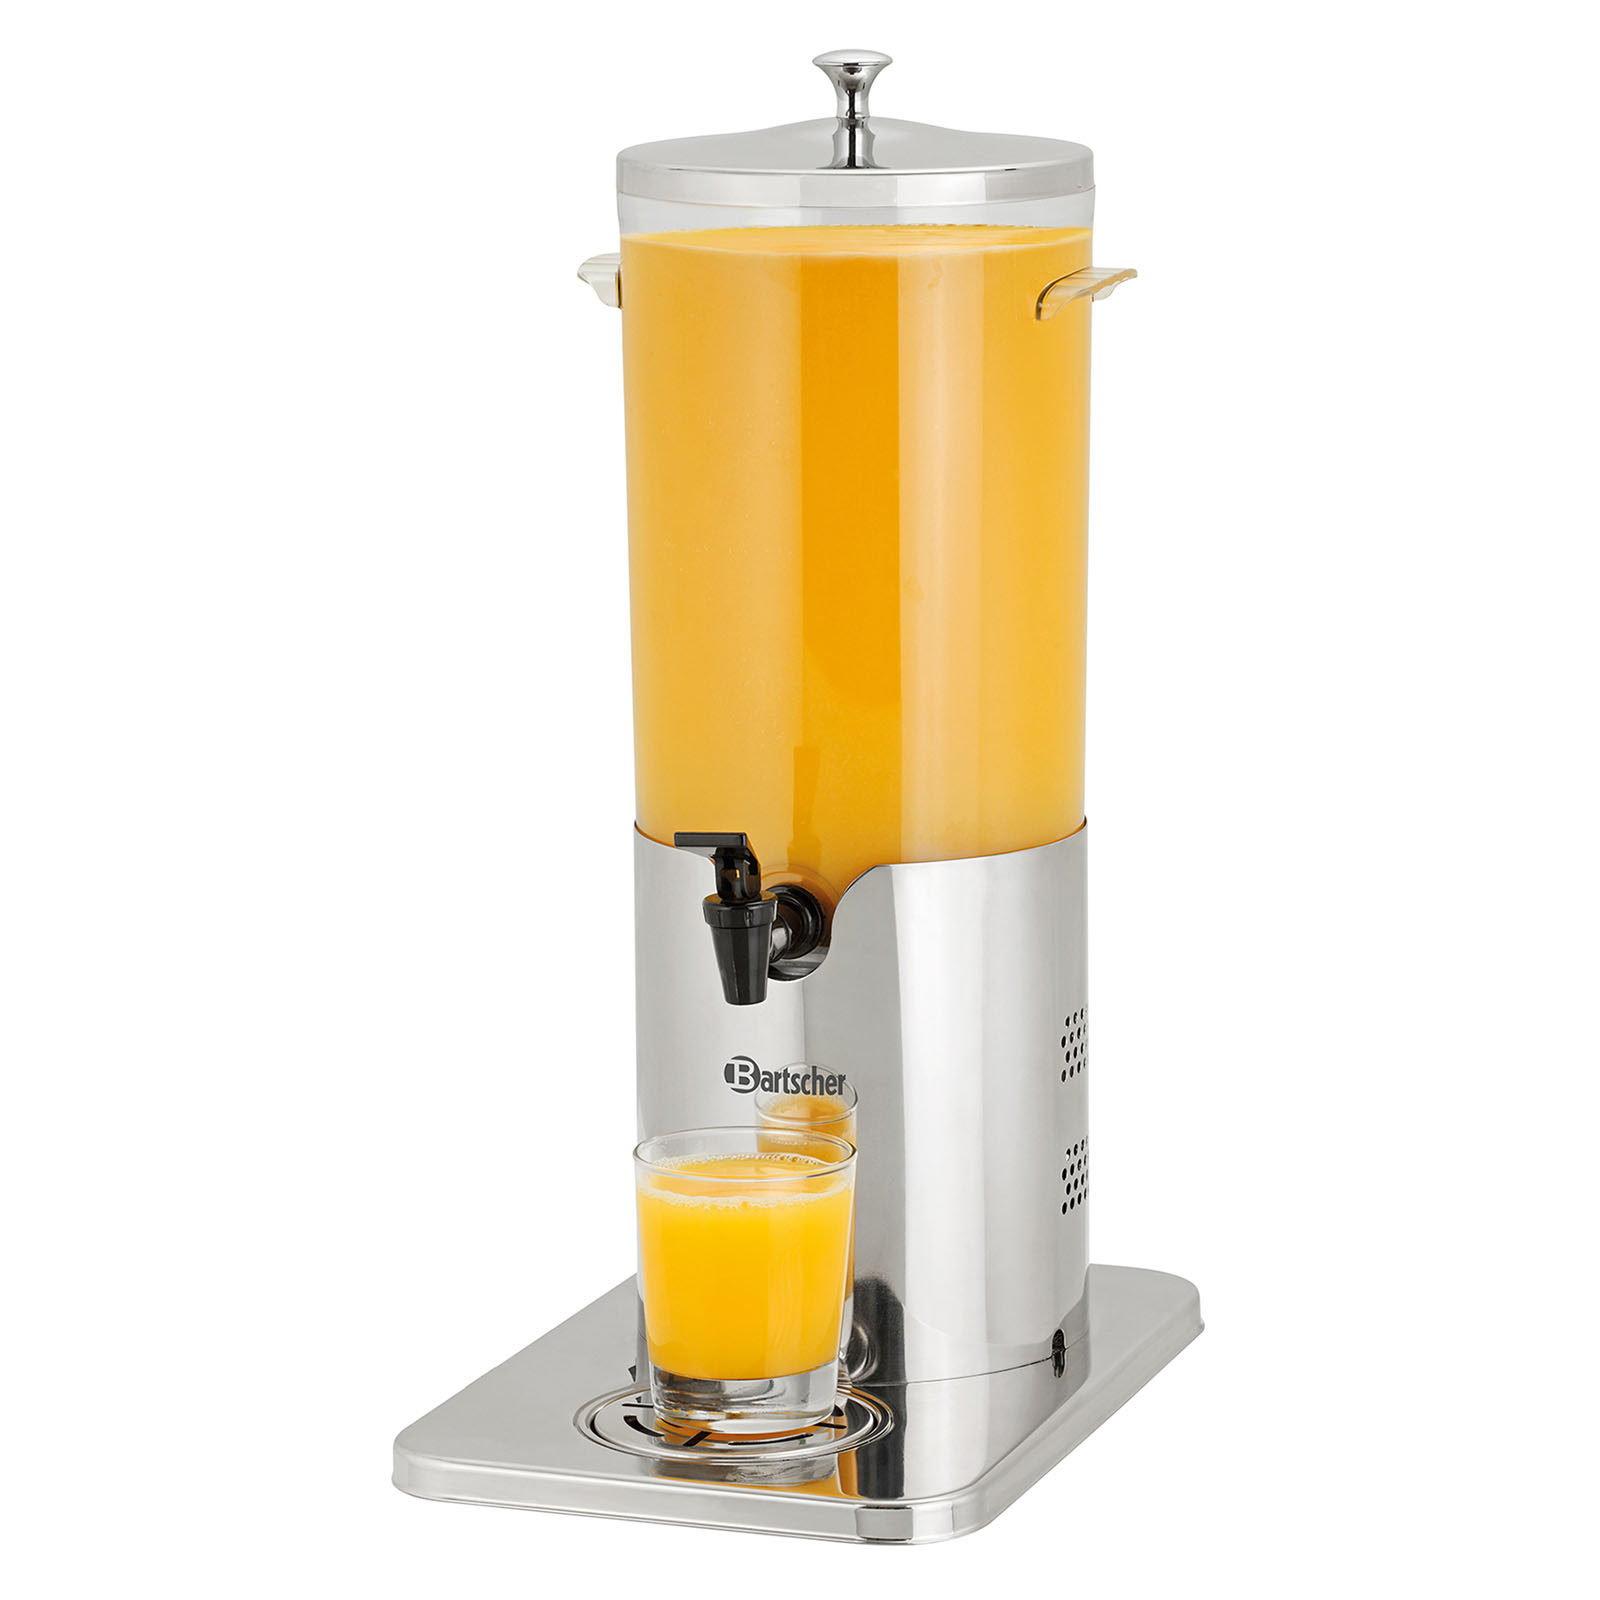 Bartscher Getränke-Dispenser DTE5 - thermoelektrisch 150983